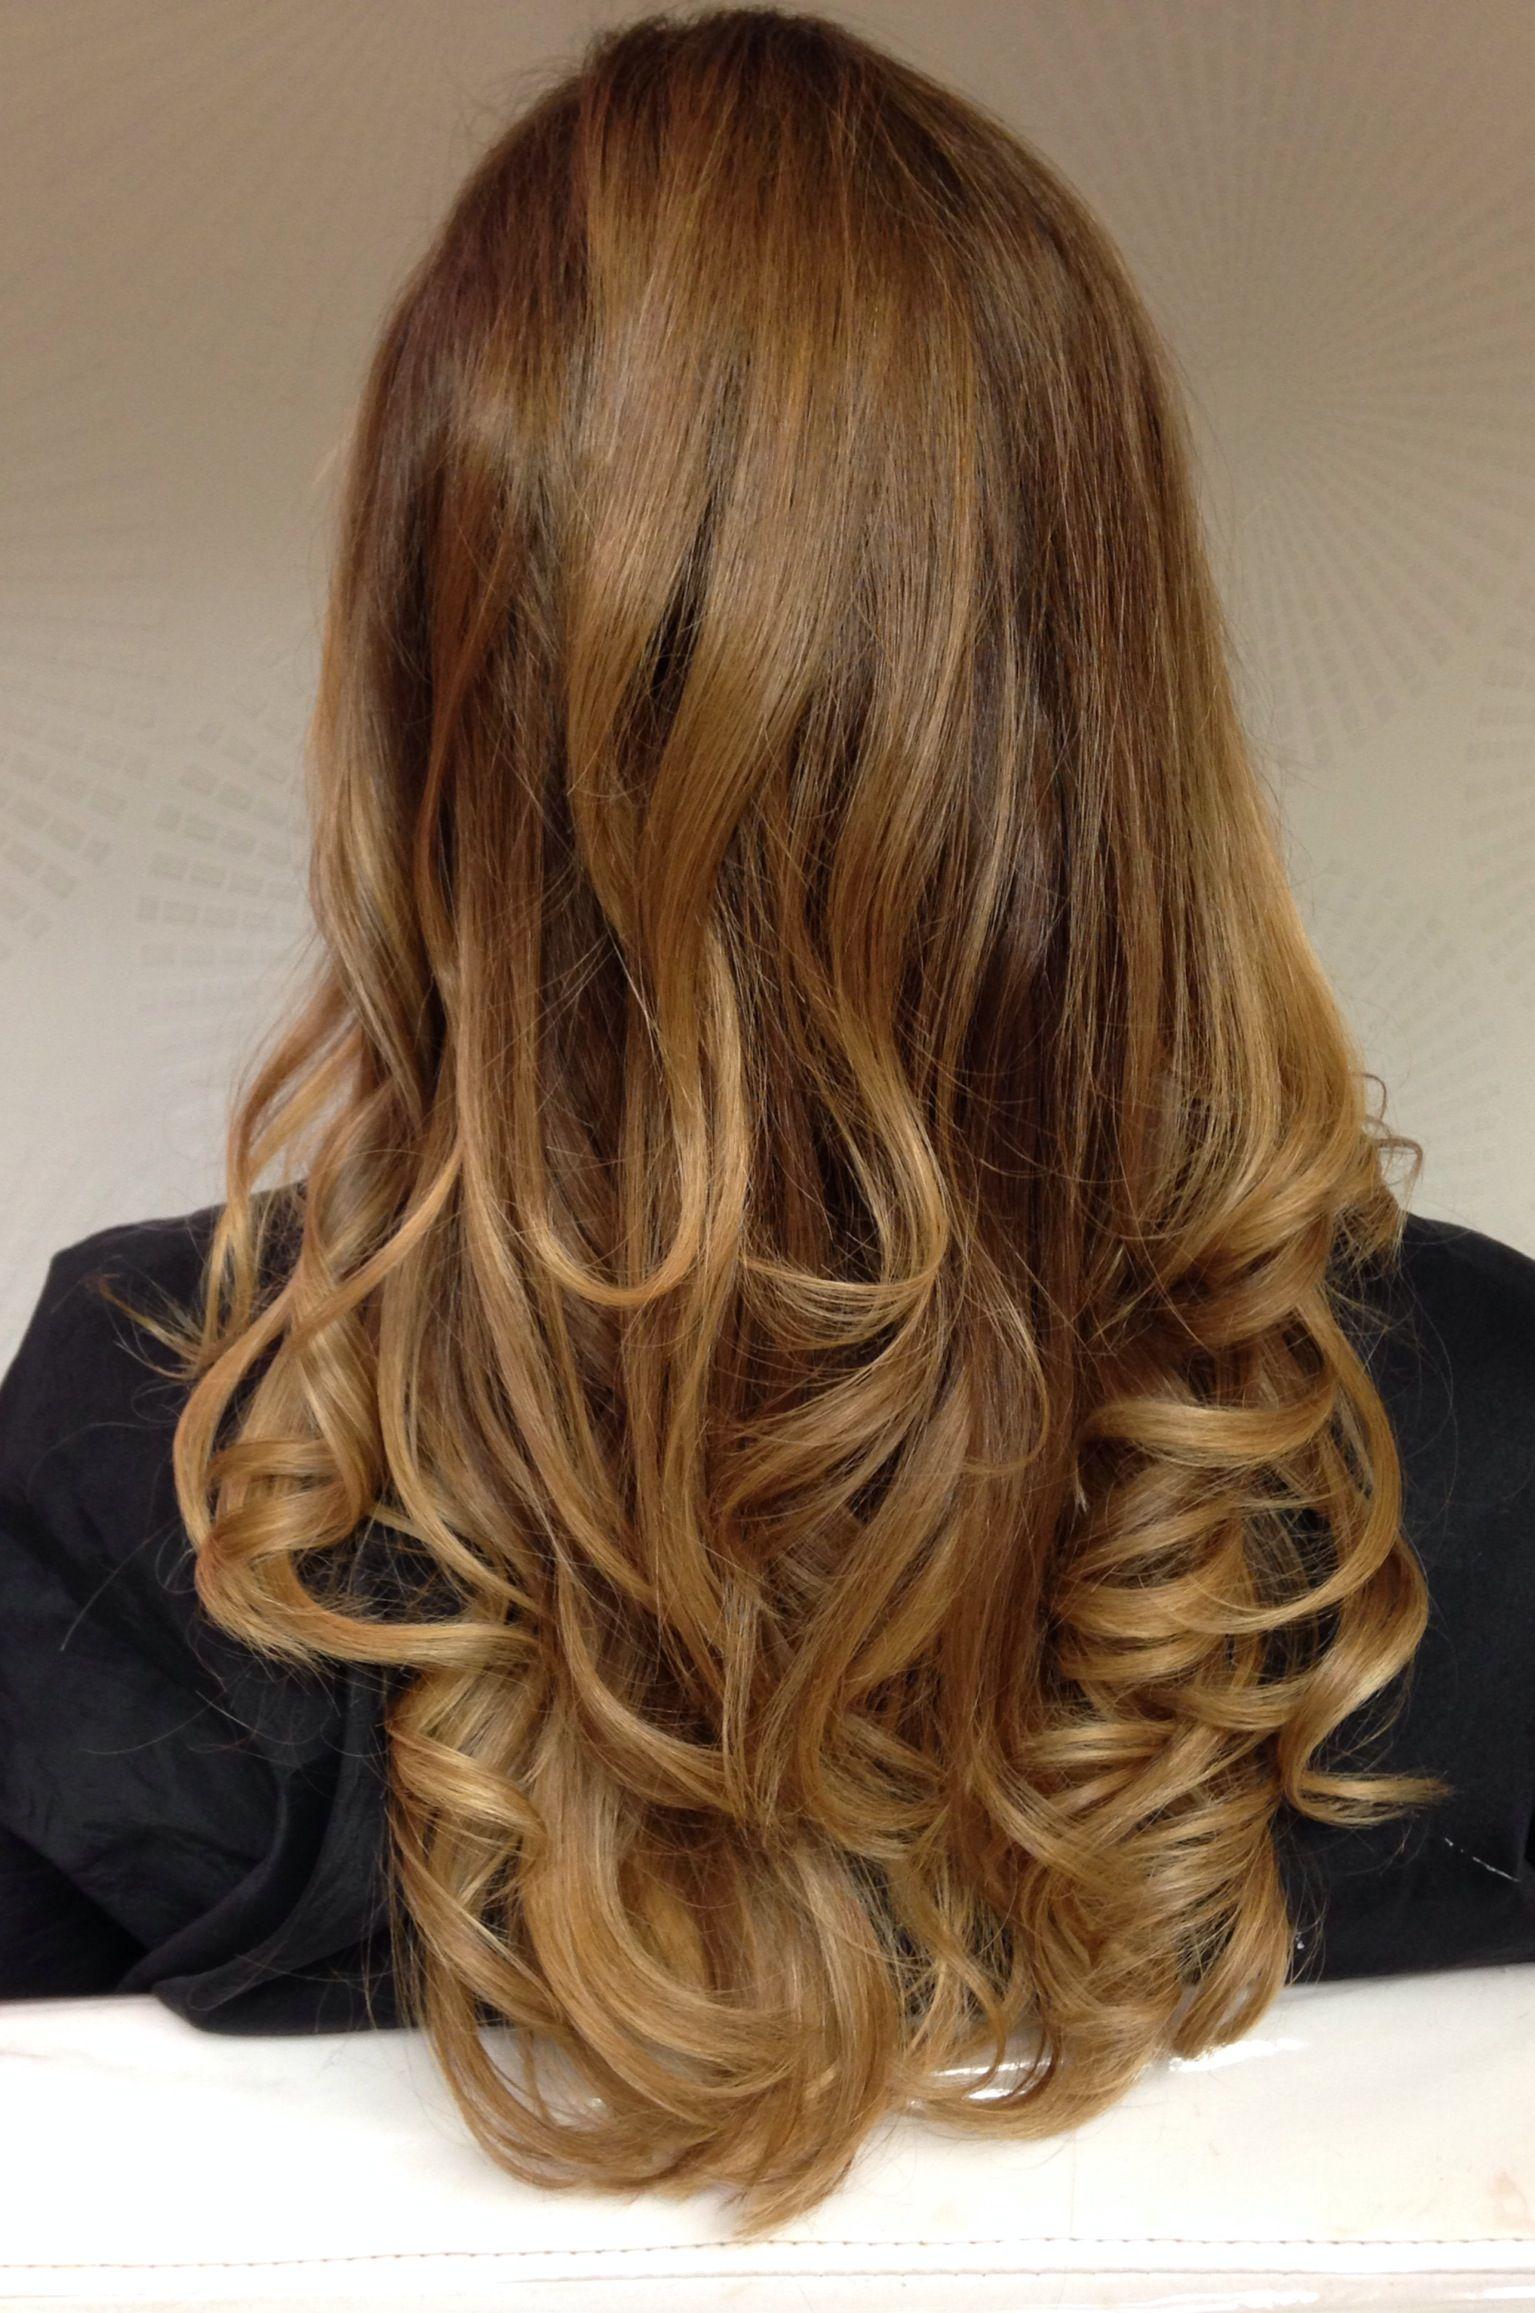 Dark blonde hair color melt phillip rego studio done by me me